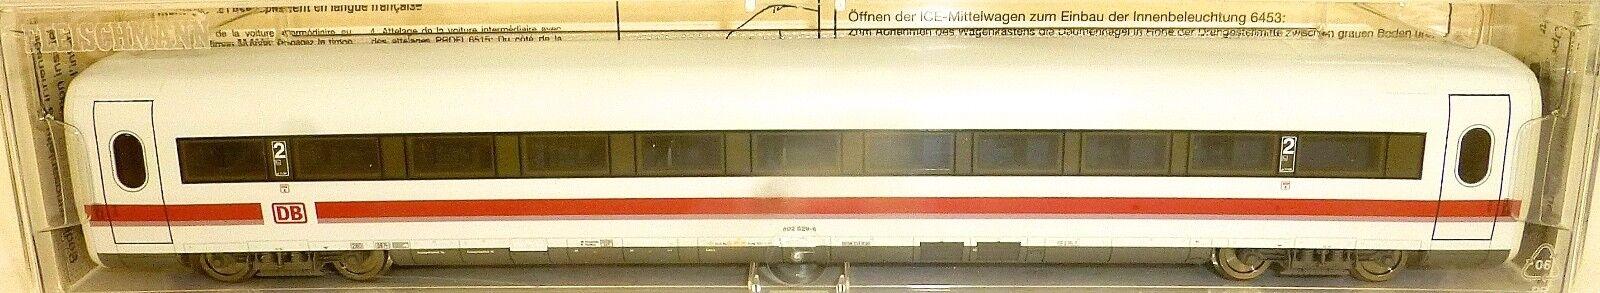 Ice Vagón Intermediario 2º Kl Dbag Amplio Bvmz 802.6 Epv Fleischmann 4449 H0 1